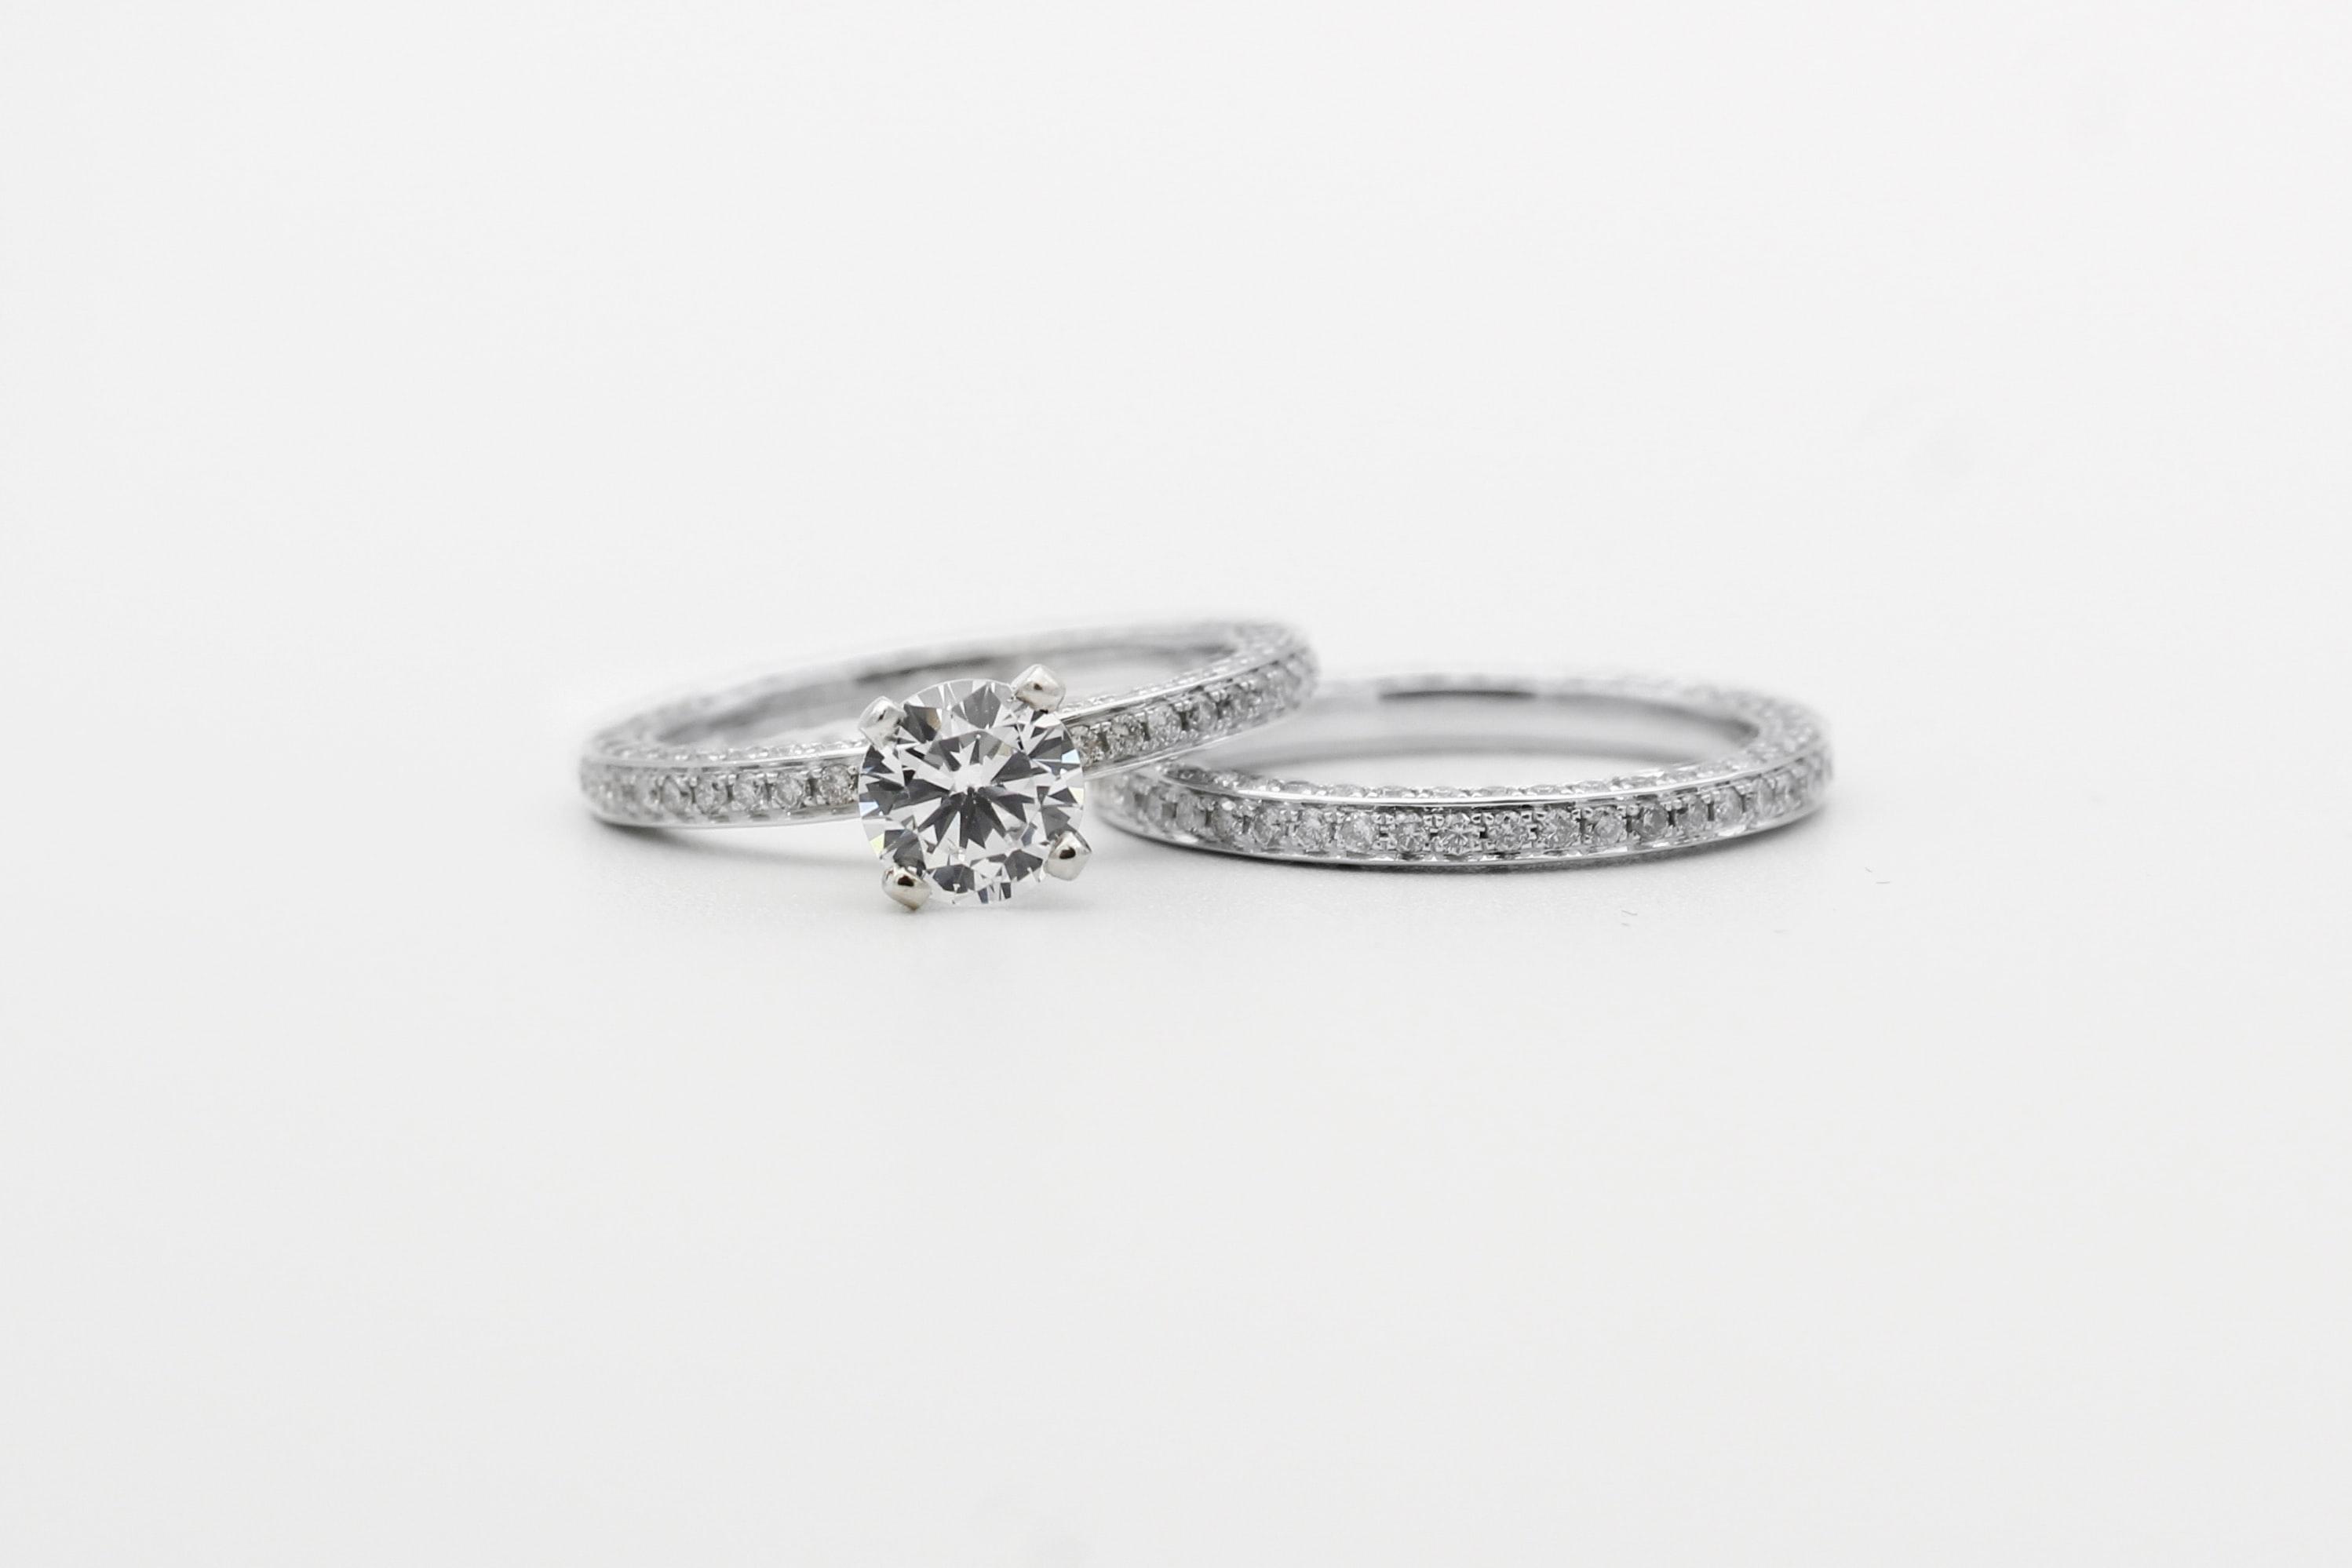 ジュエリーショップへ行く前の心得がある?賢い指輪選び 静岡KITAGAWA Bridal